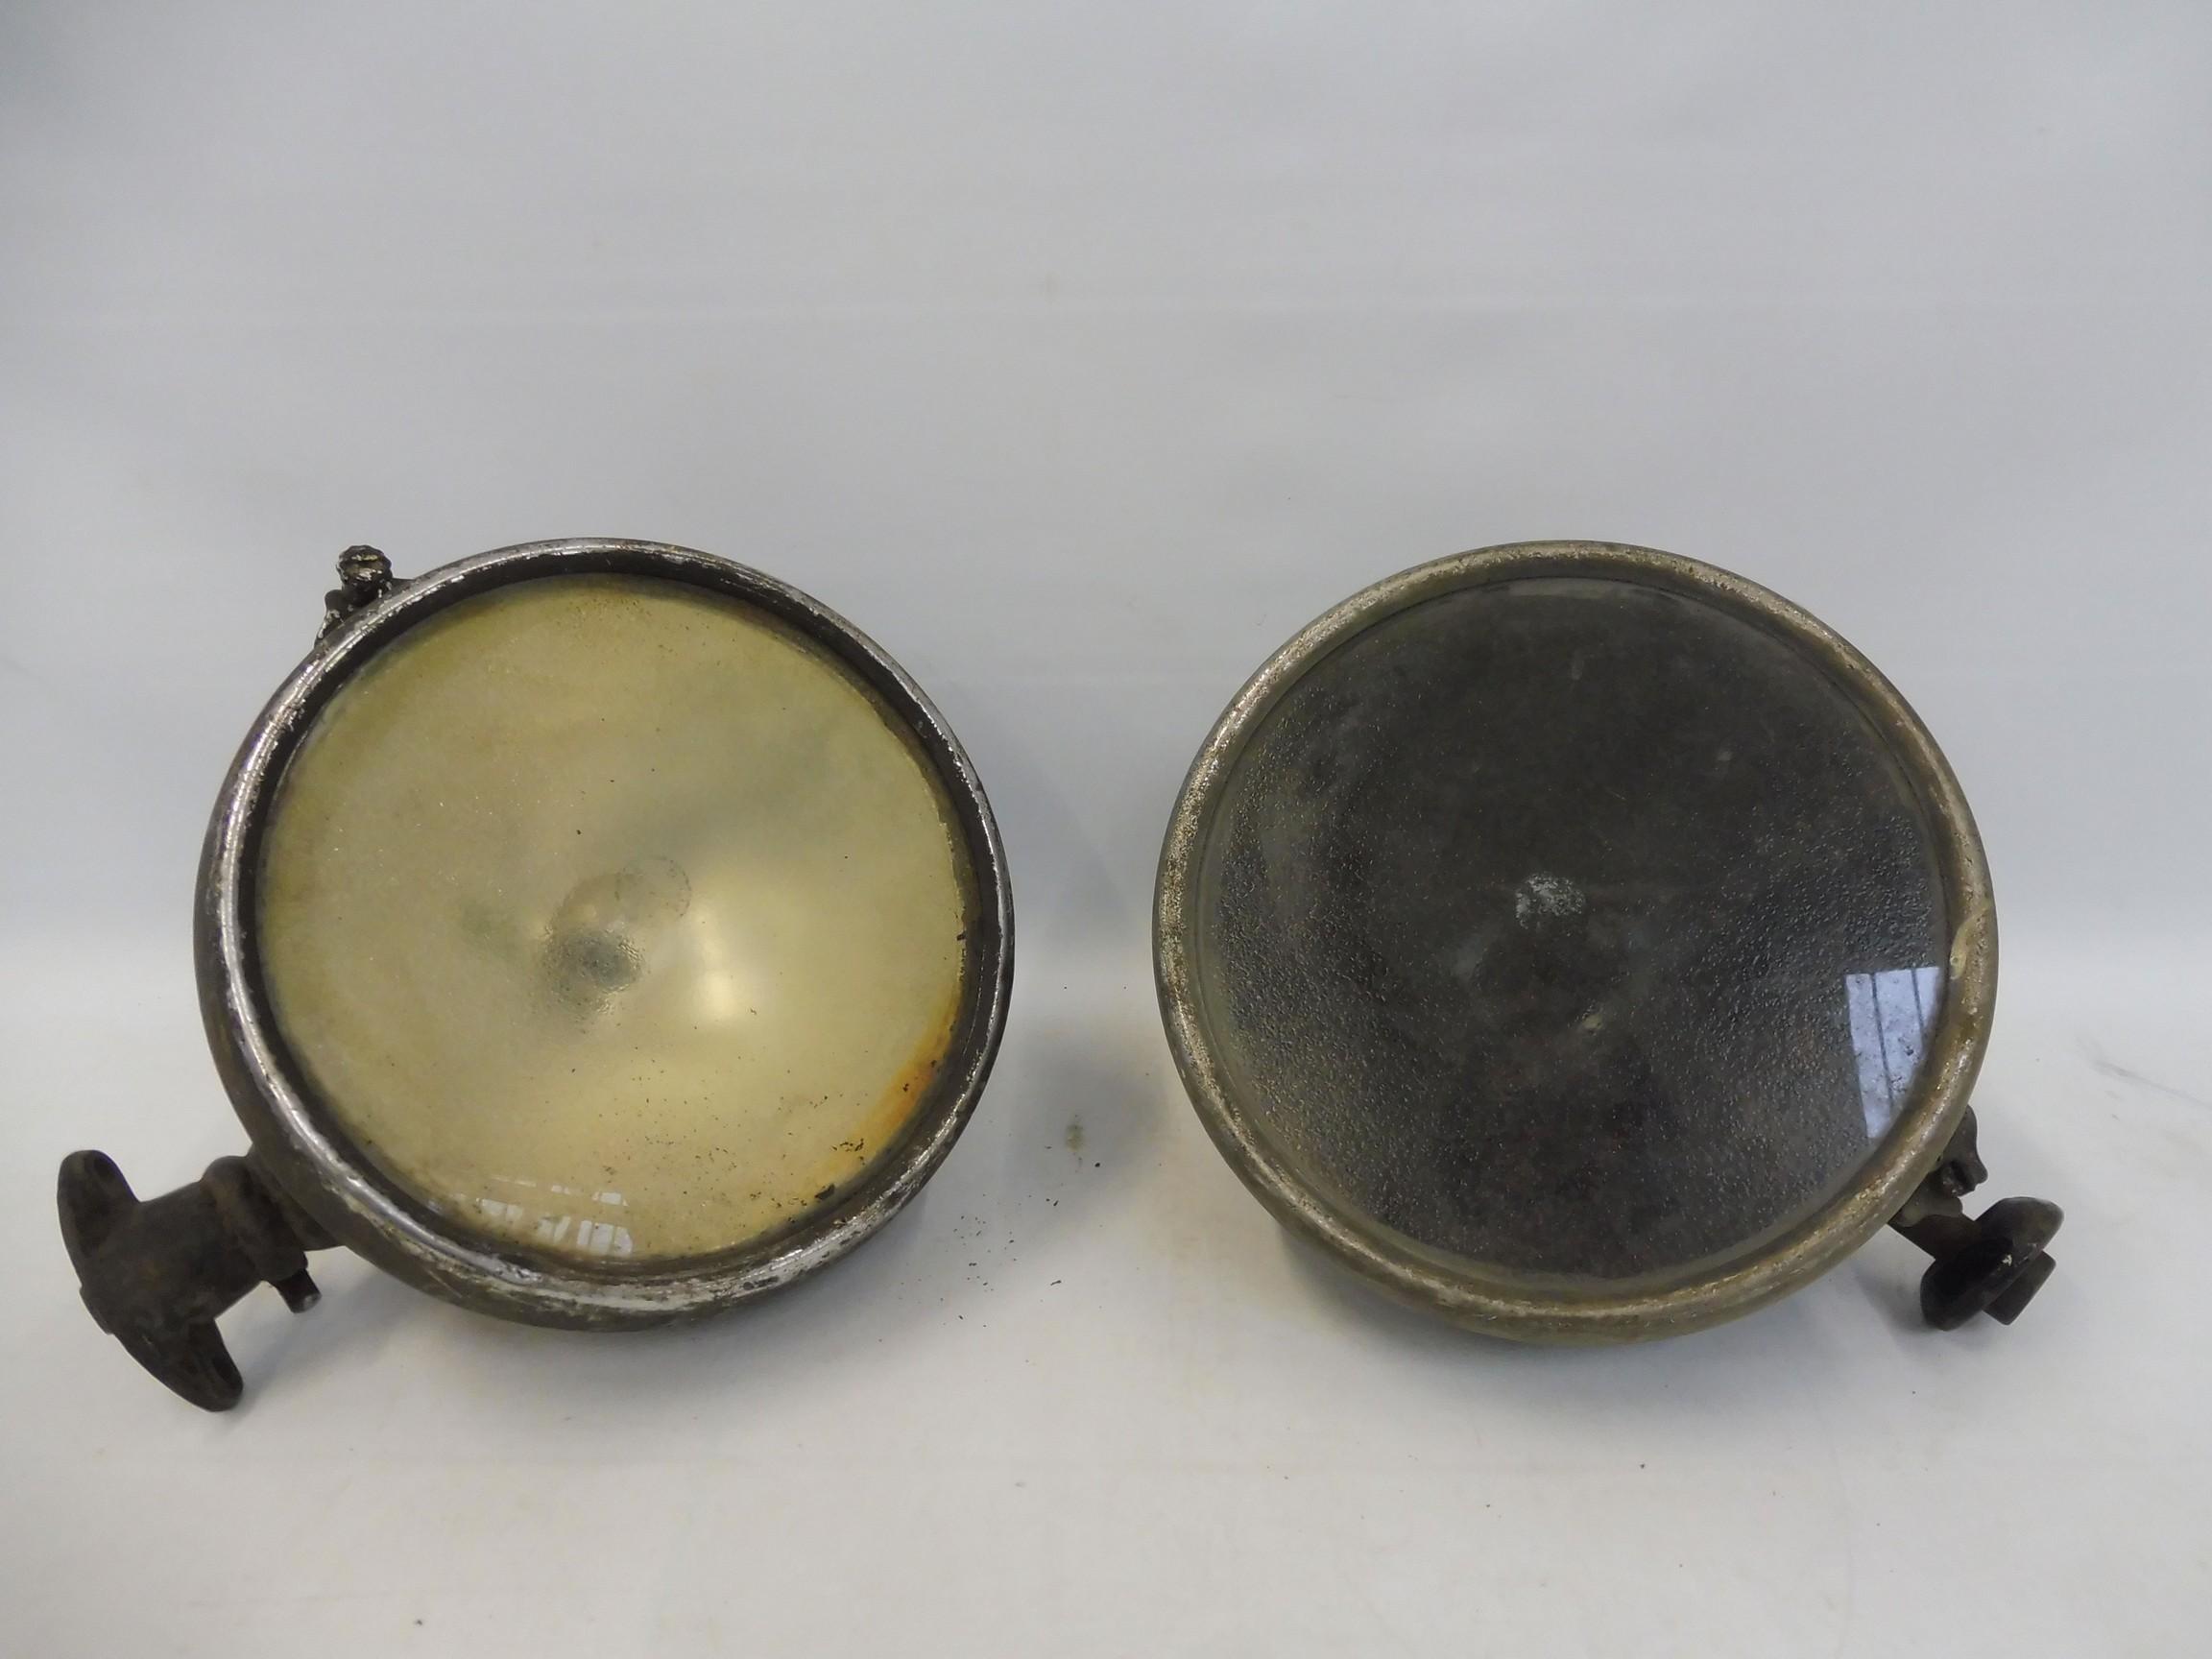 A pair of Lucas headlamps.